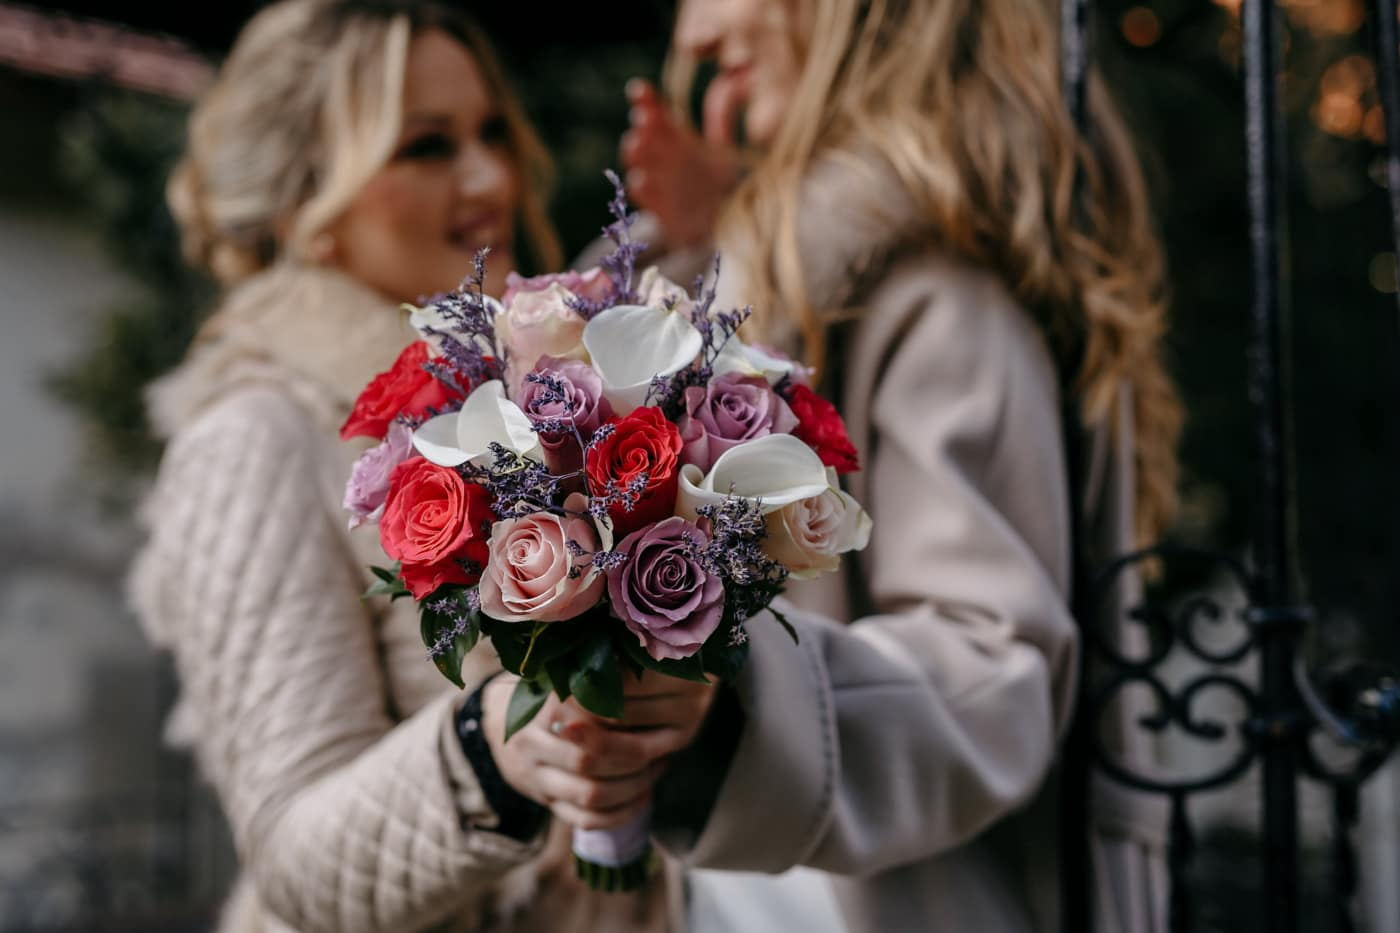 romantische, Freundin, Zärtlichkeit, Blumenstrauß, heiter, Mädchen, Liebe, stieg, Frau, Romantik